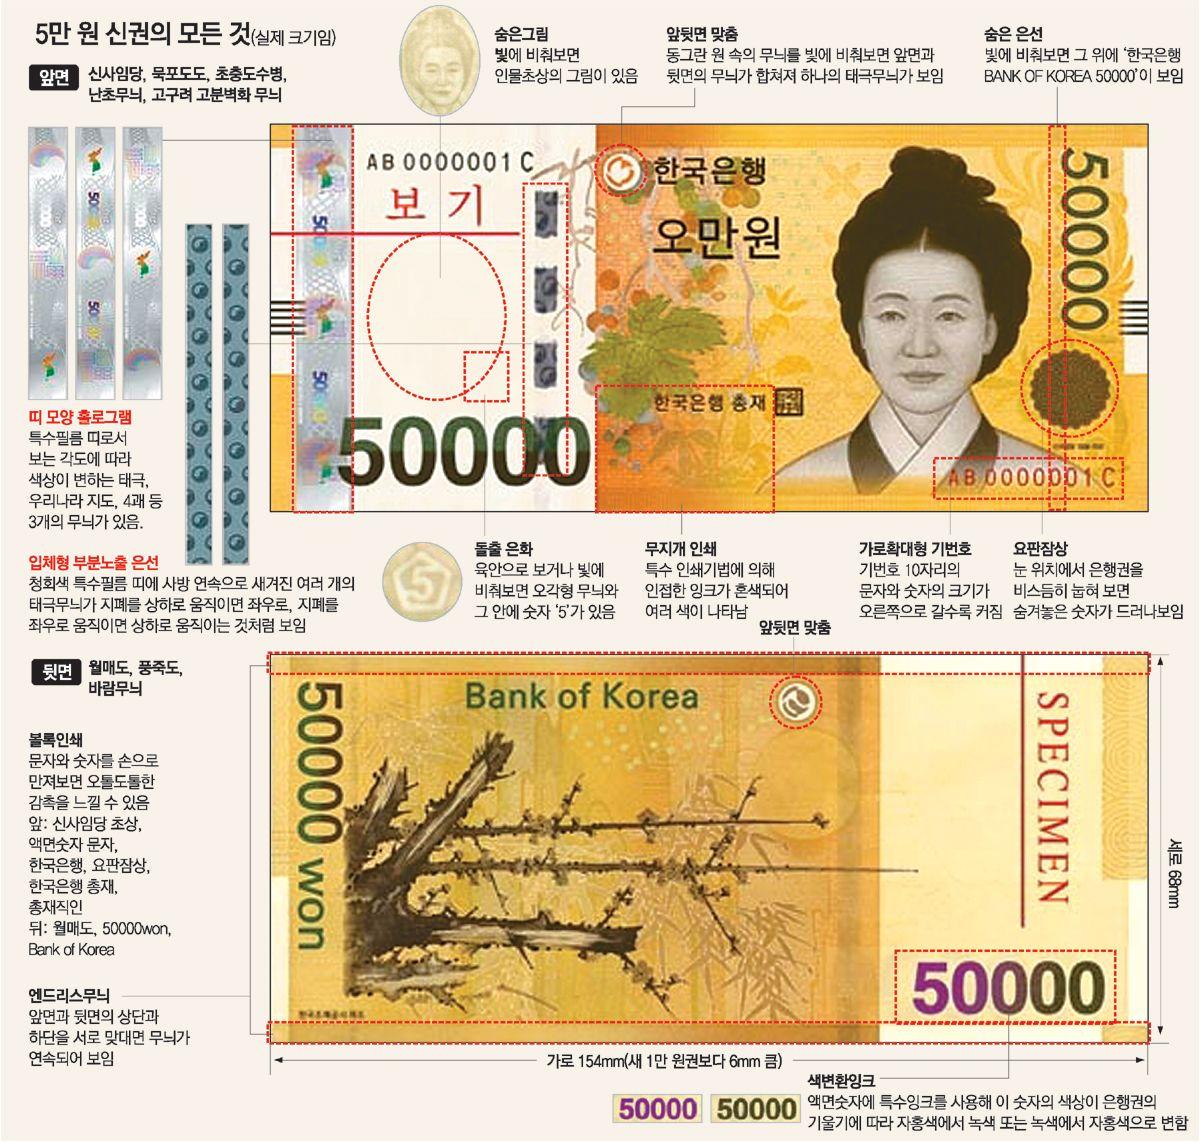 어몽룡, 매화도. 오만원권 지폐 도안.